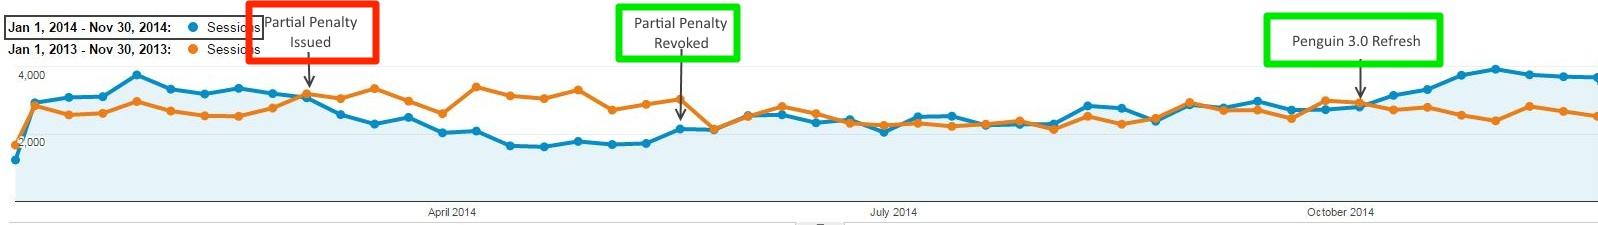 """""""Google Analytics"""" - panaikinta dalinė bauda ir atnaujintas """"Google Penguin 3.0"""" srautas"""